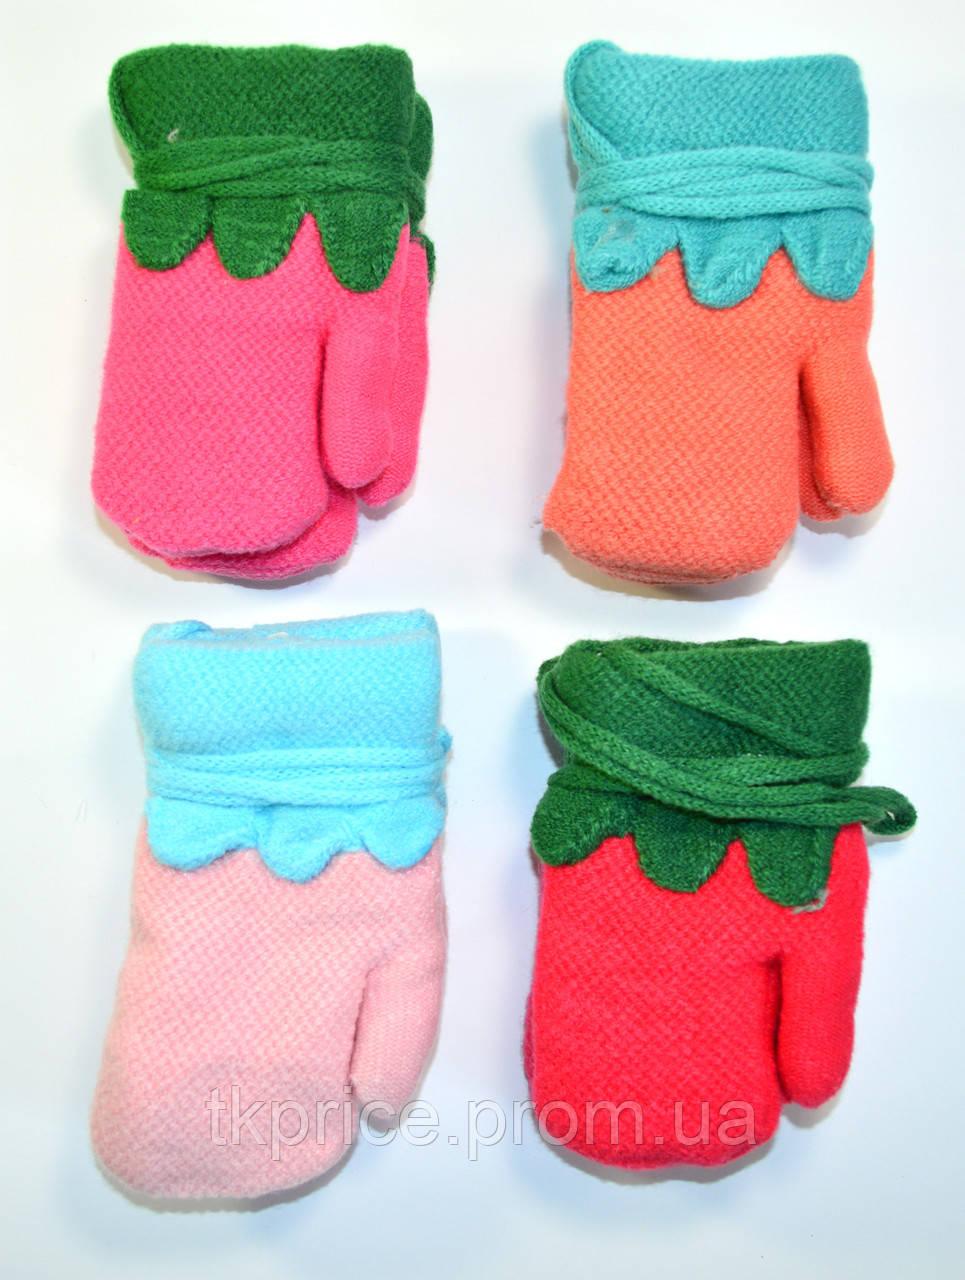 Детские трикотажные варежки для девочки  - длина 12 см